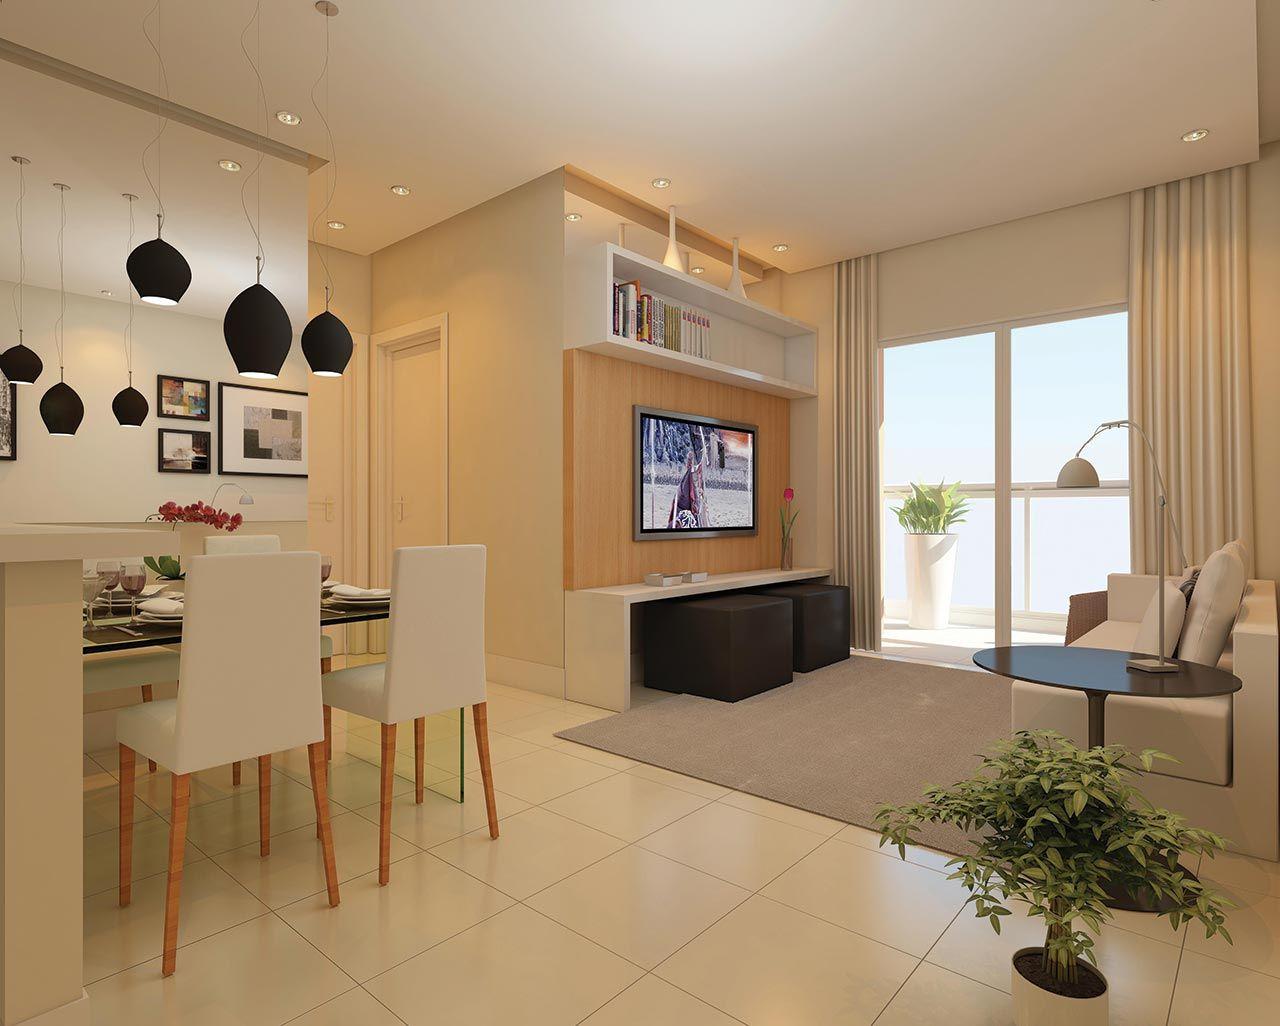 Imagem 41 decora o id ias para nossacasa for Portas de apartamentos modernas